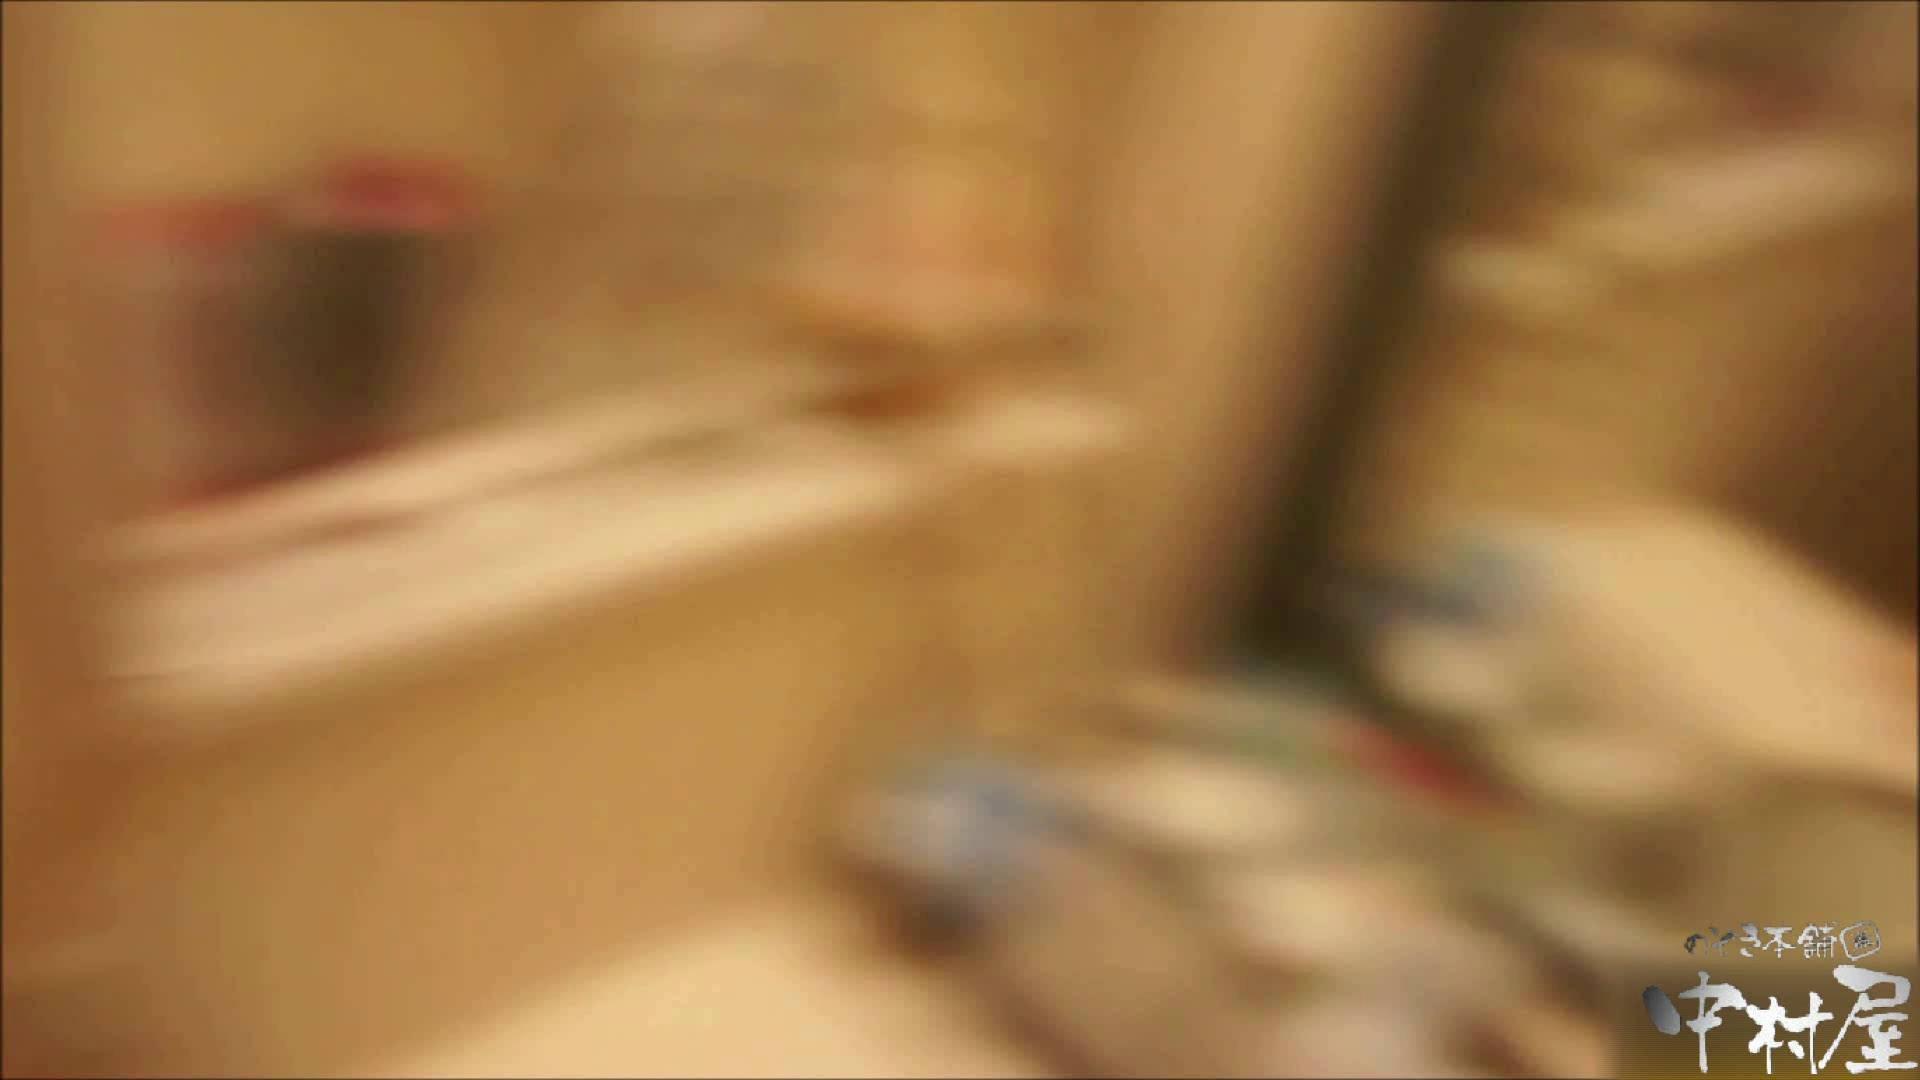 二人とも育てた甲斐がありました…vol.39【援助】鏡越しの朋葉を見ながら・・・前編 OLセックス  111画像 70